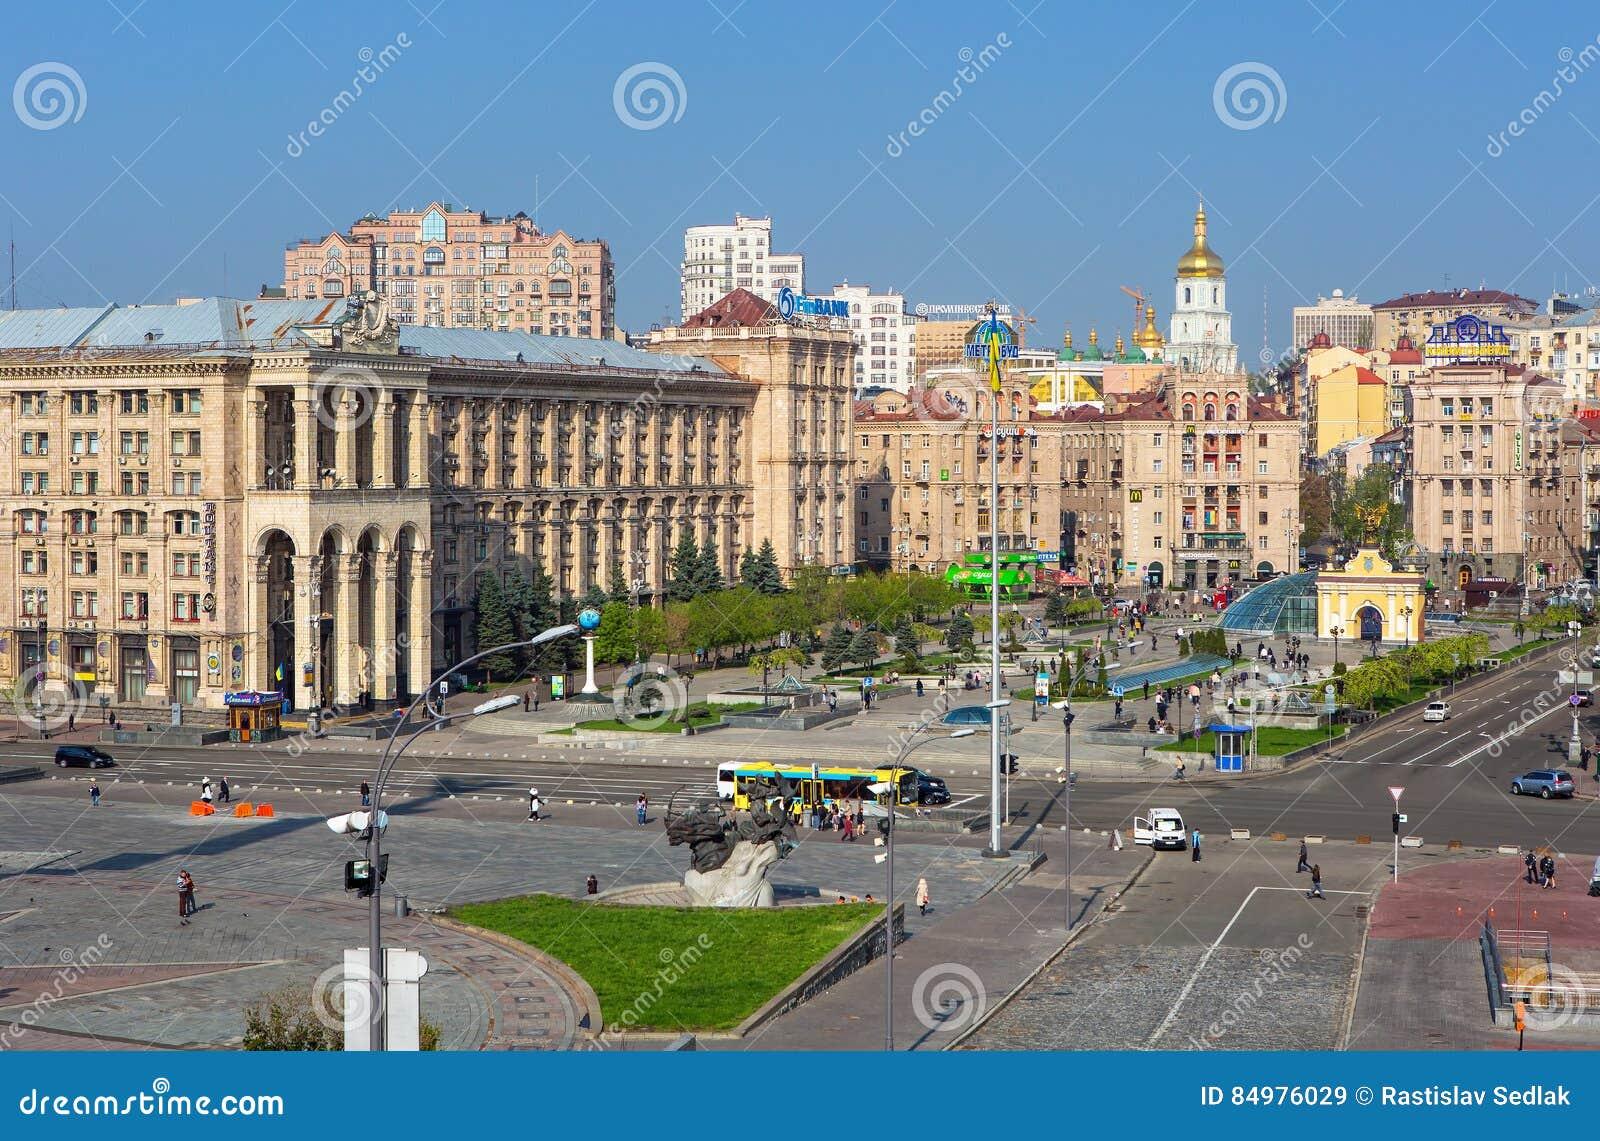 Άποψη σχετικά με το δρόμο Khreschatik και τετράγωνο ανεξαρτησίας στο Κίεβο, Ουκρανία